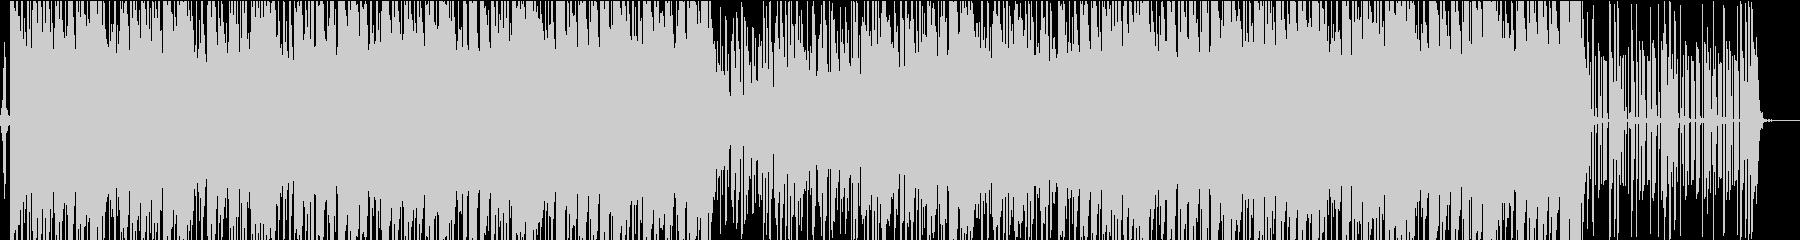 王道な雰囲気の洋楽風HIPHOPの未再生の波形